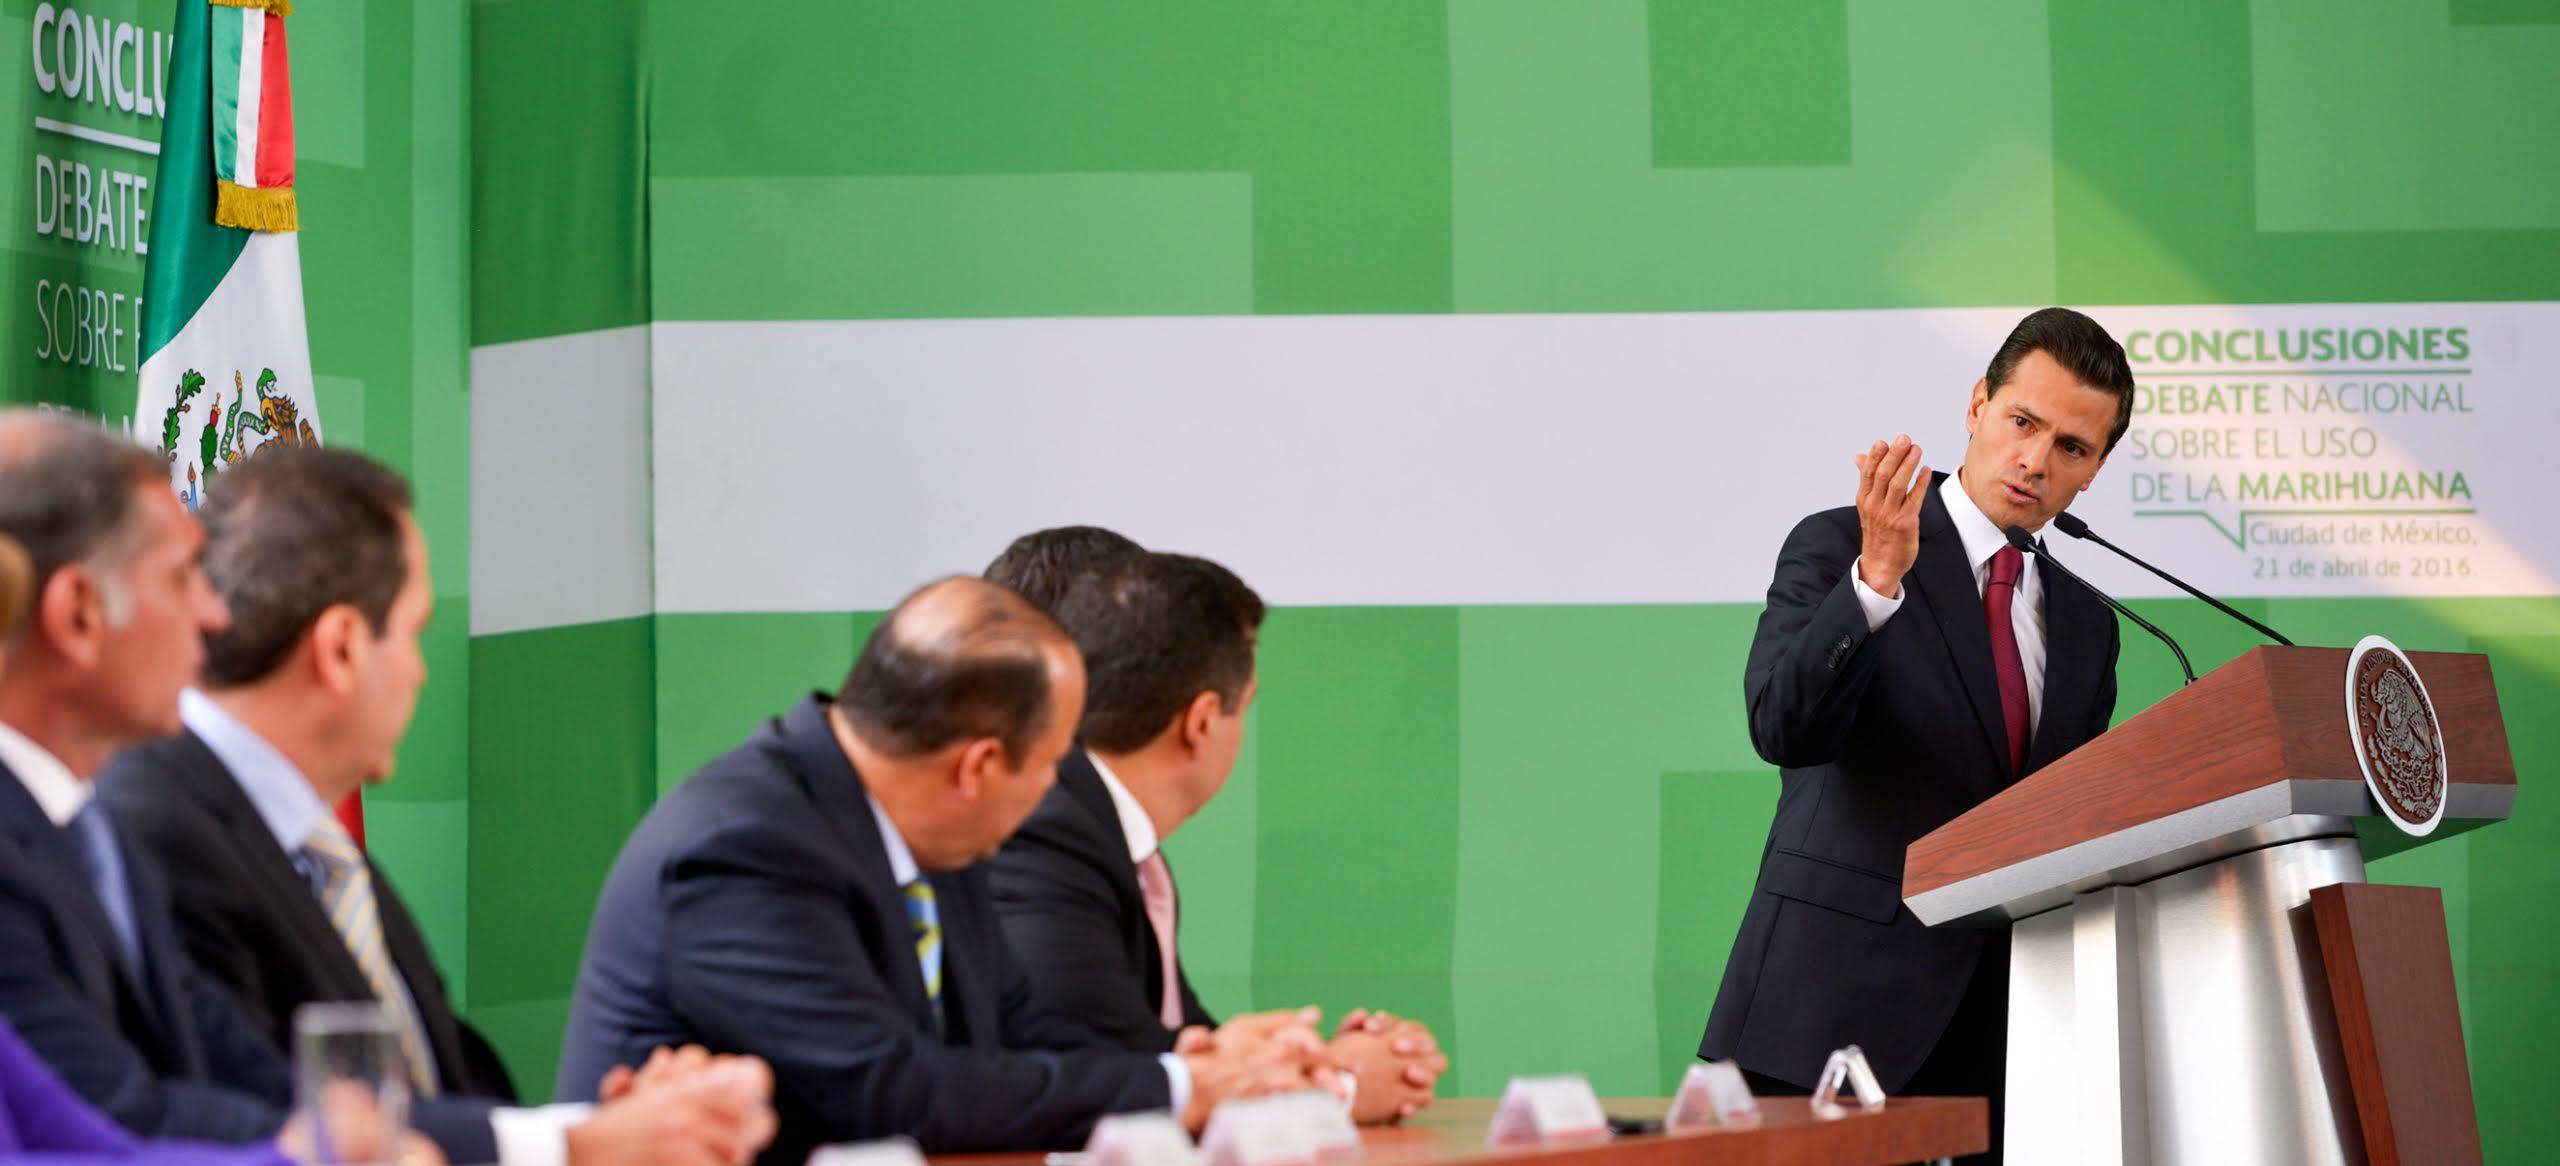 Los Foros del Debate Nacional sobre el Uso de la Marihuana permitieron un diálogo informado, plural e incluyente; en el que se escucharon todas las posiciones, con absoluto respeto y apertura.